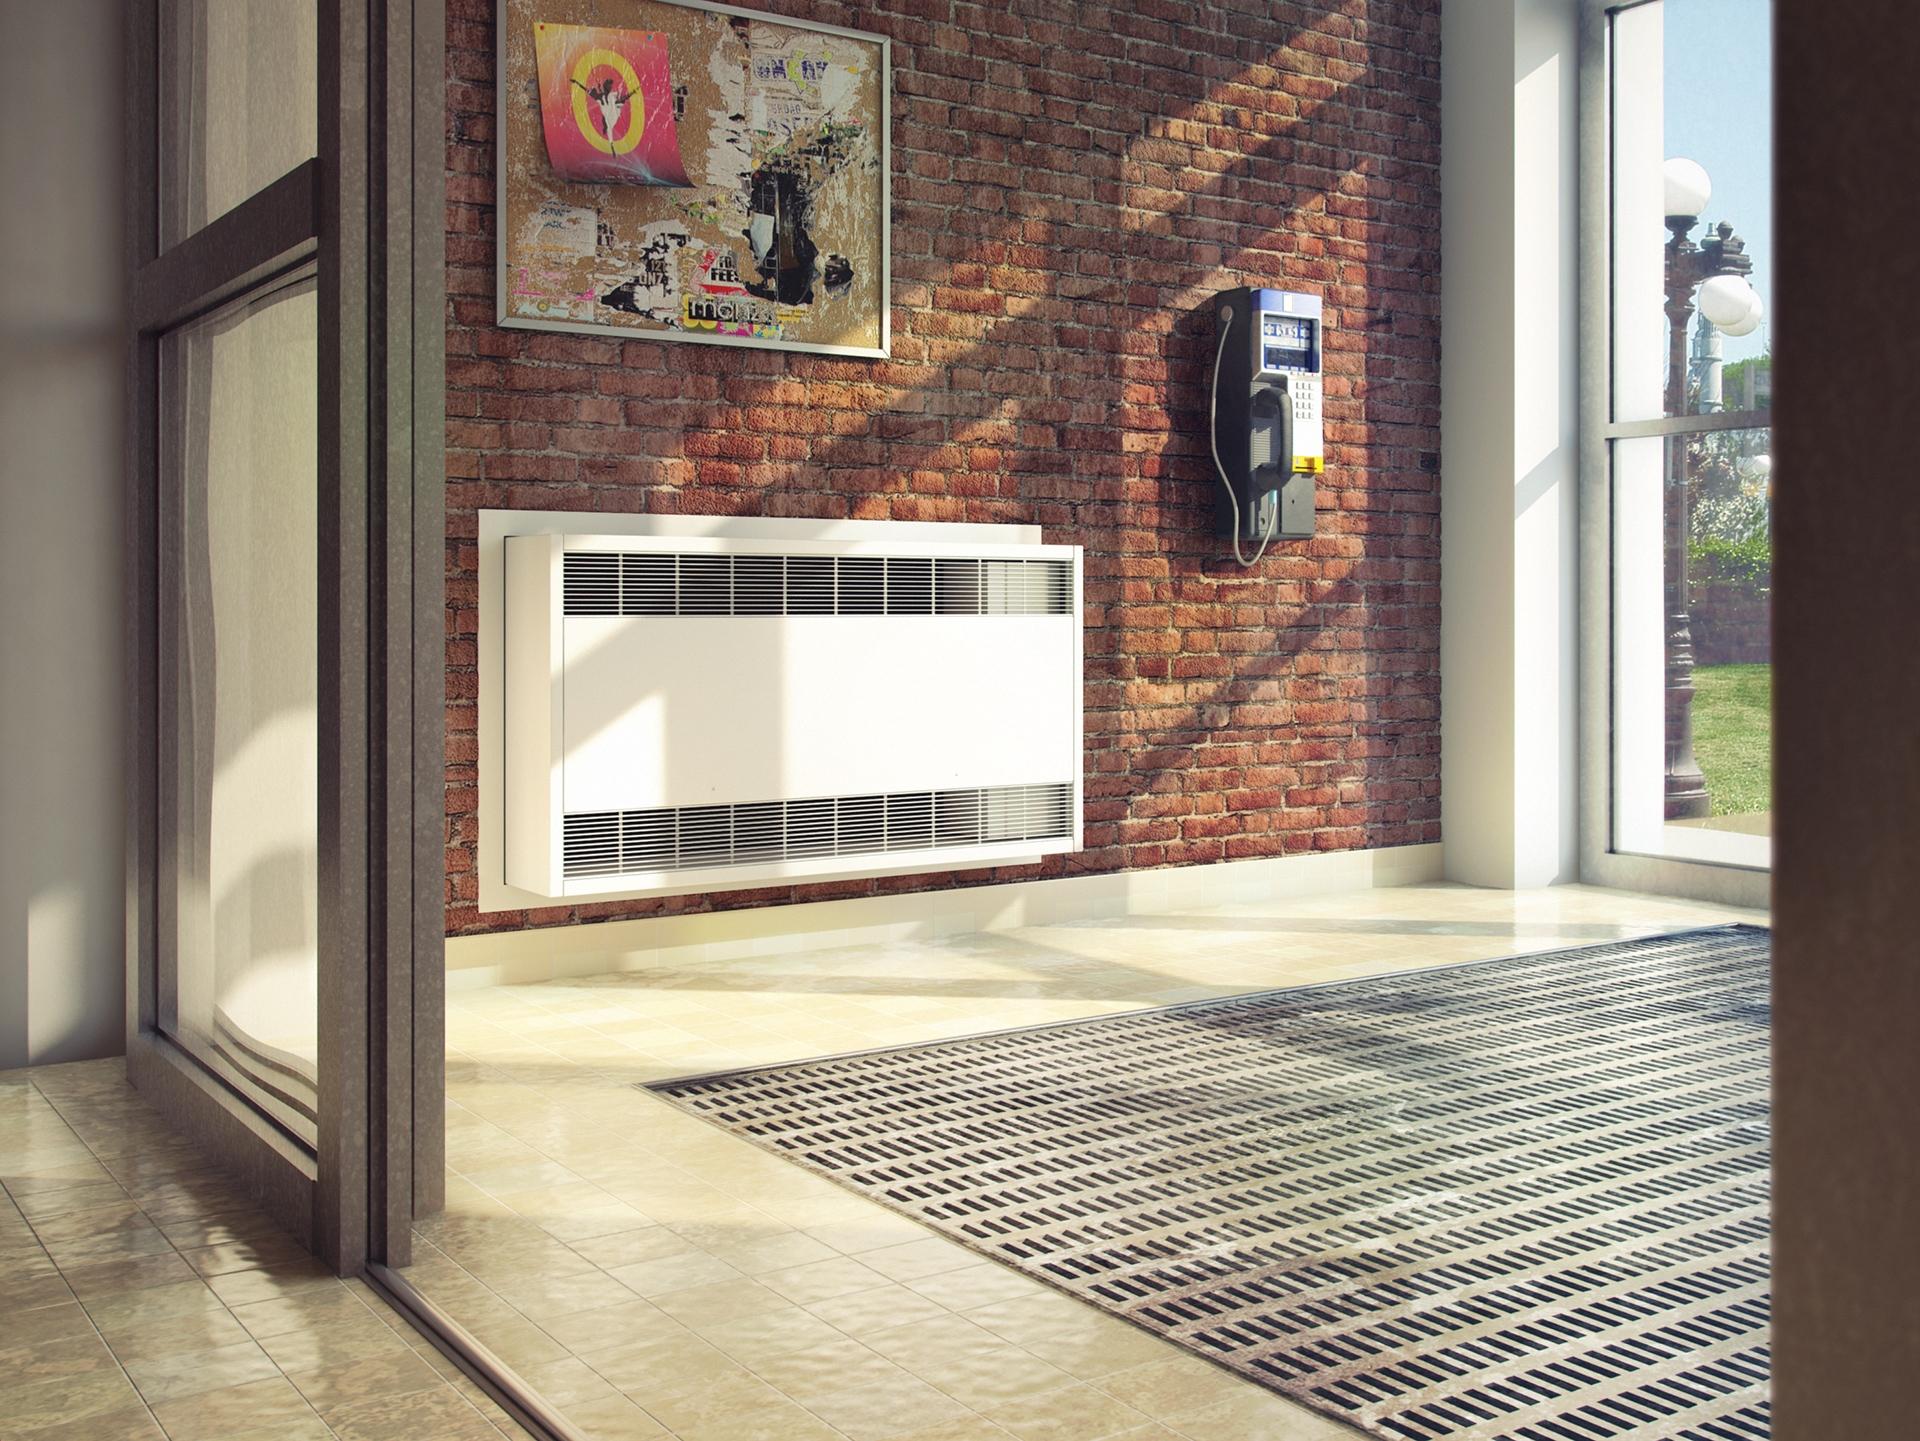 commercial product ouellet canada rh ouellet com trane electric cabinet unit heater trane electric cabinet unit heater